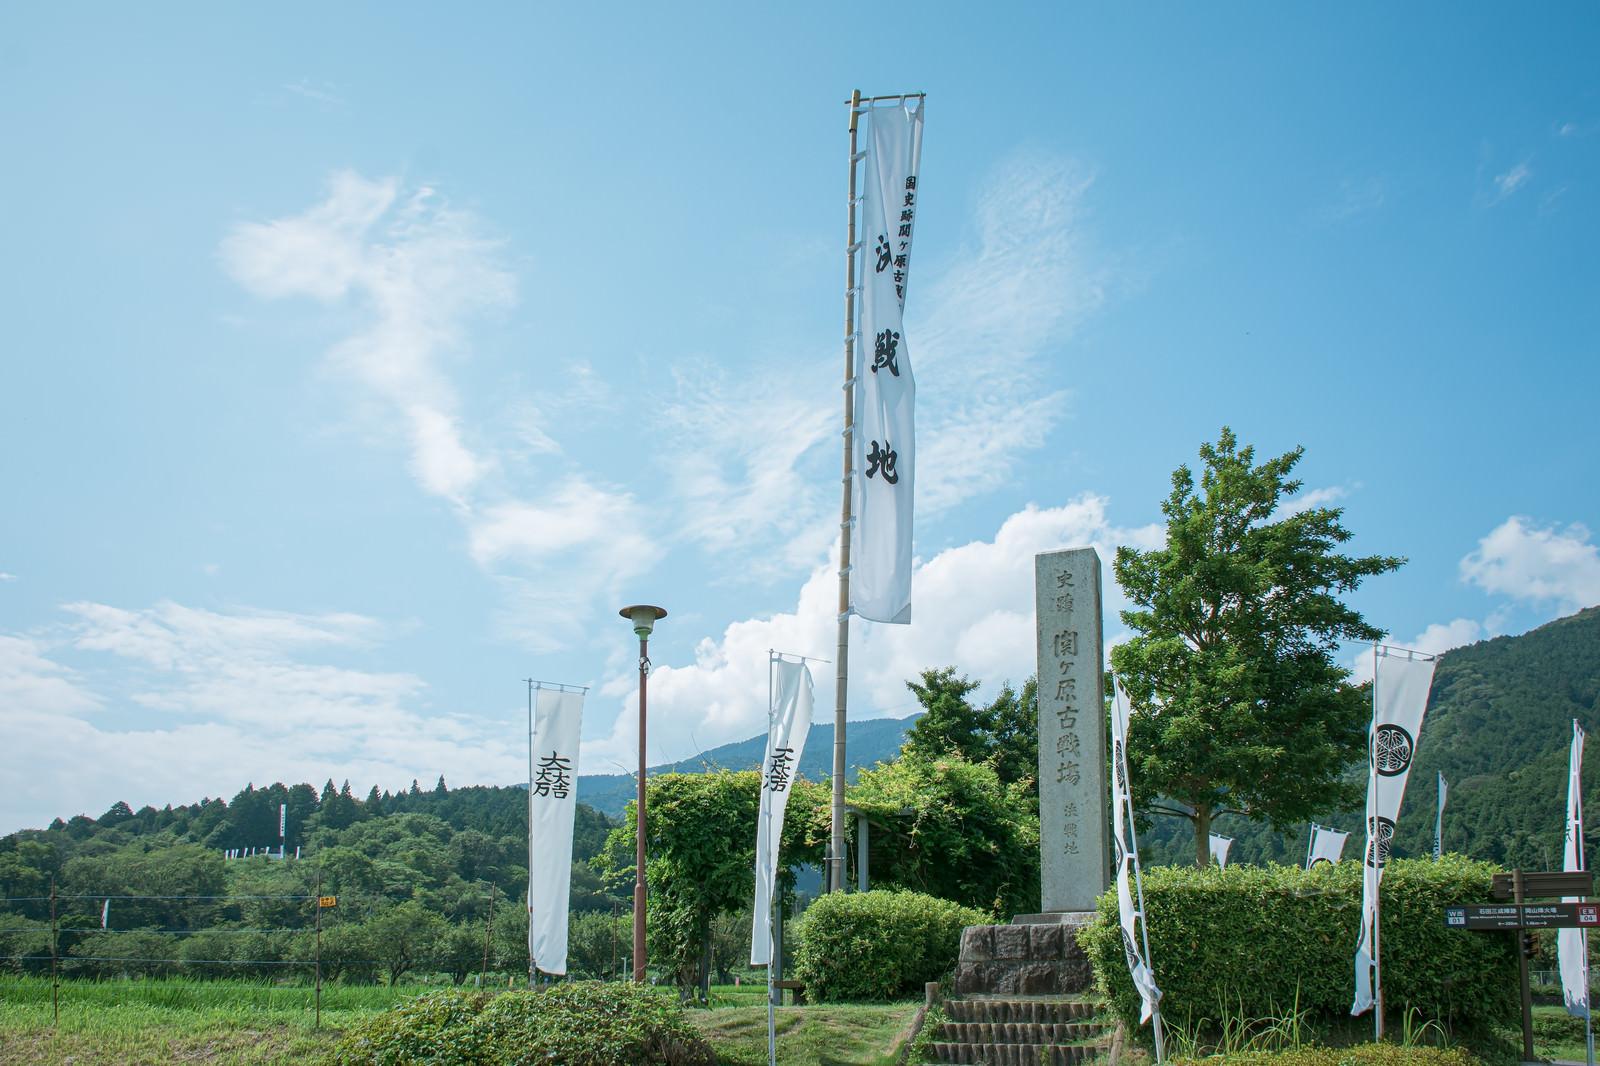 「関ケ原決戦地の石碑とその左奥に見える石田三成陣跡の展望デッキの旗印とノボリ」の写真